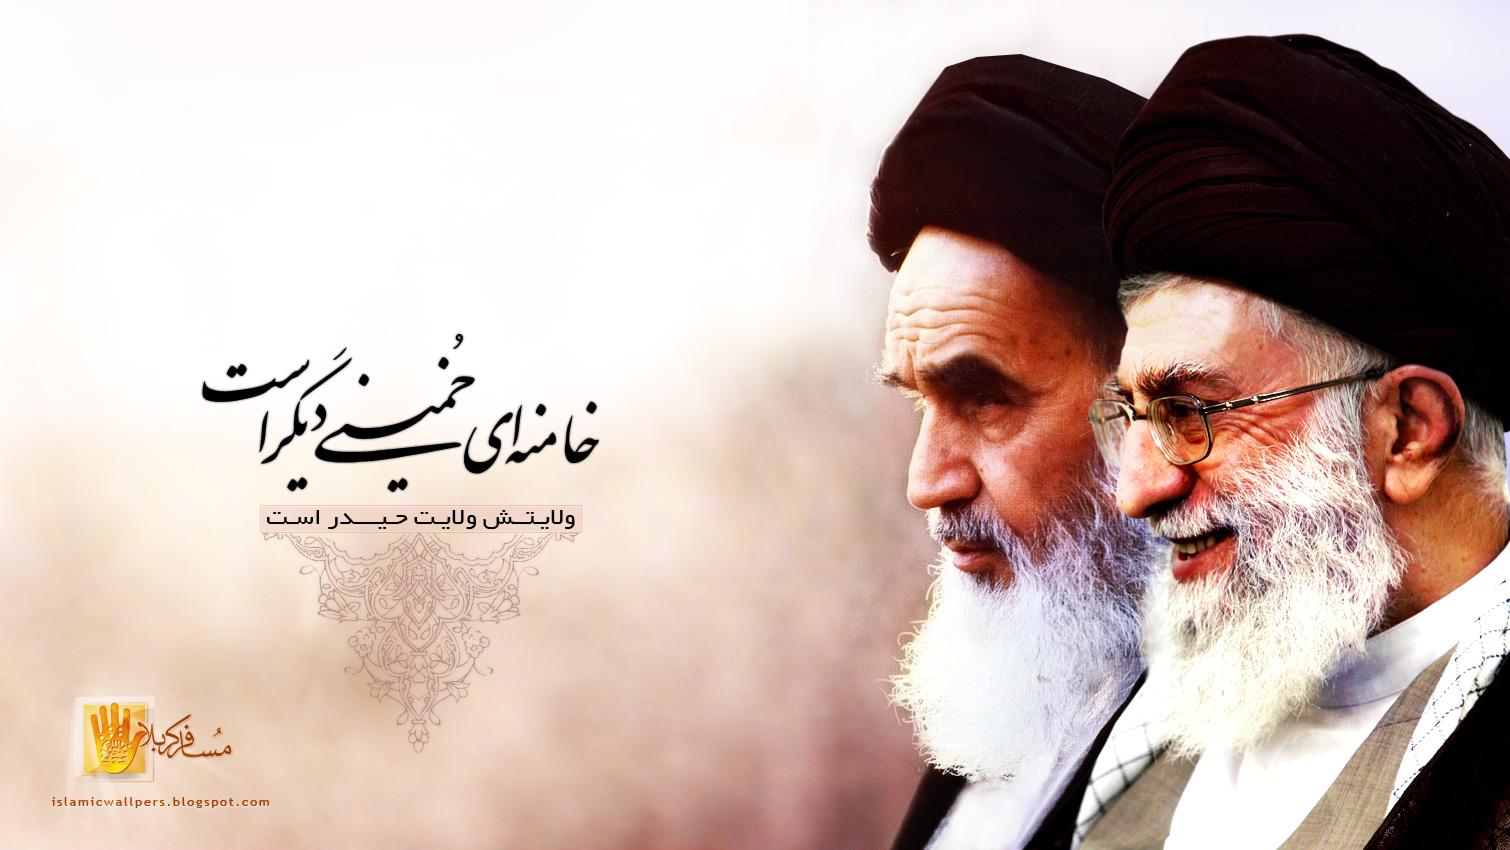 امام خمینی و انقلاب اسلامی در ذهن و زبان جهان معاصر(2)